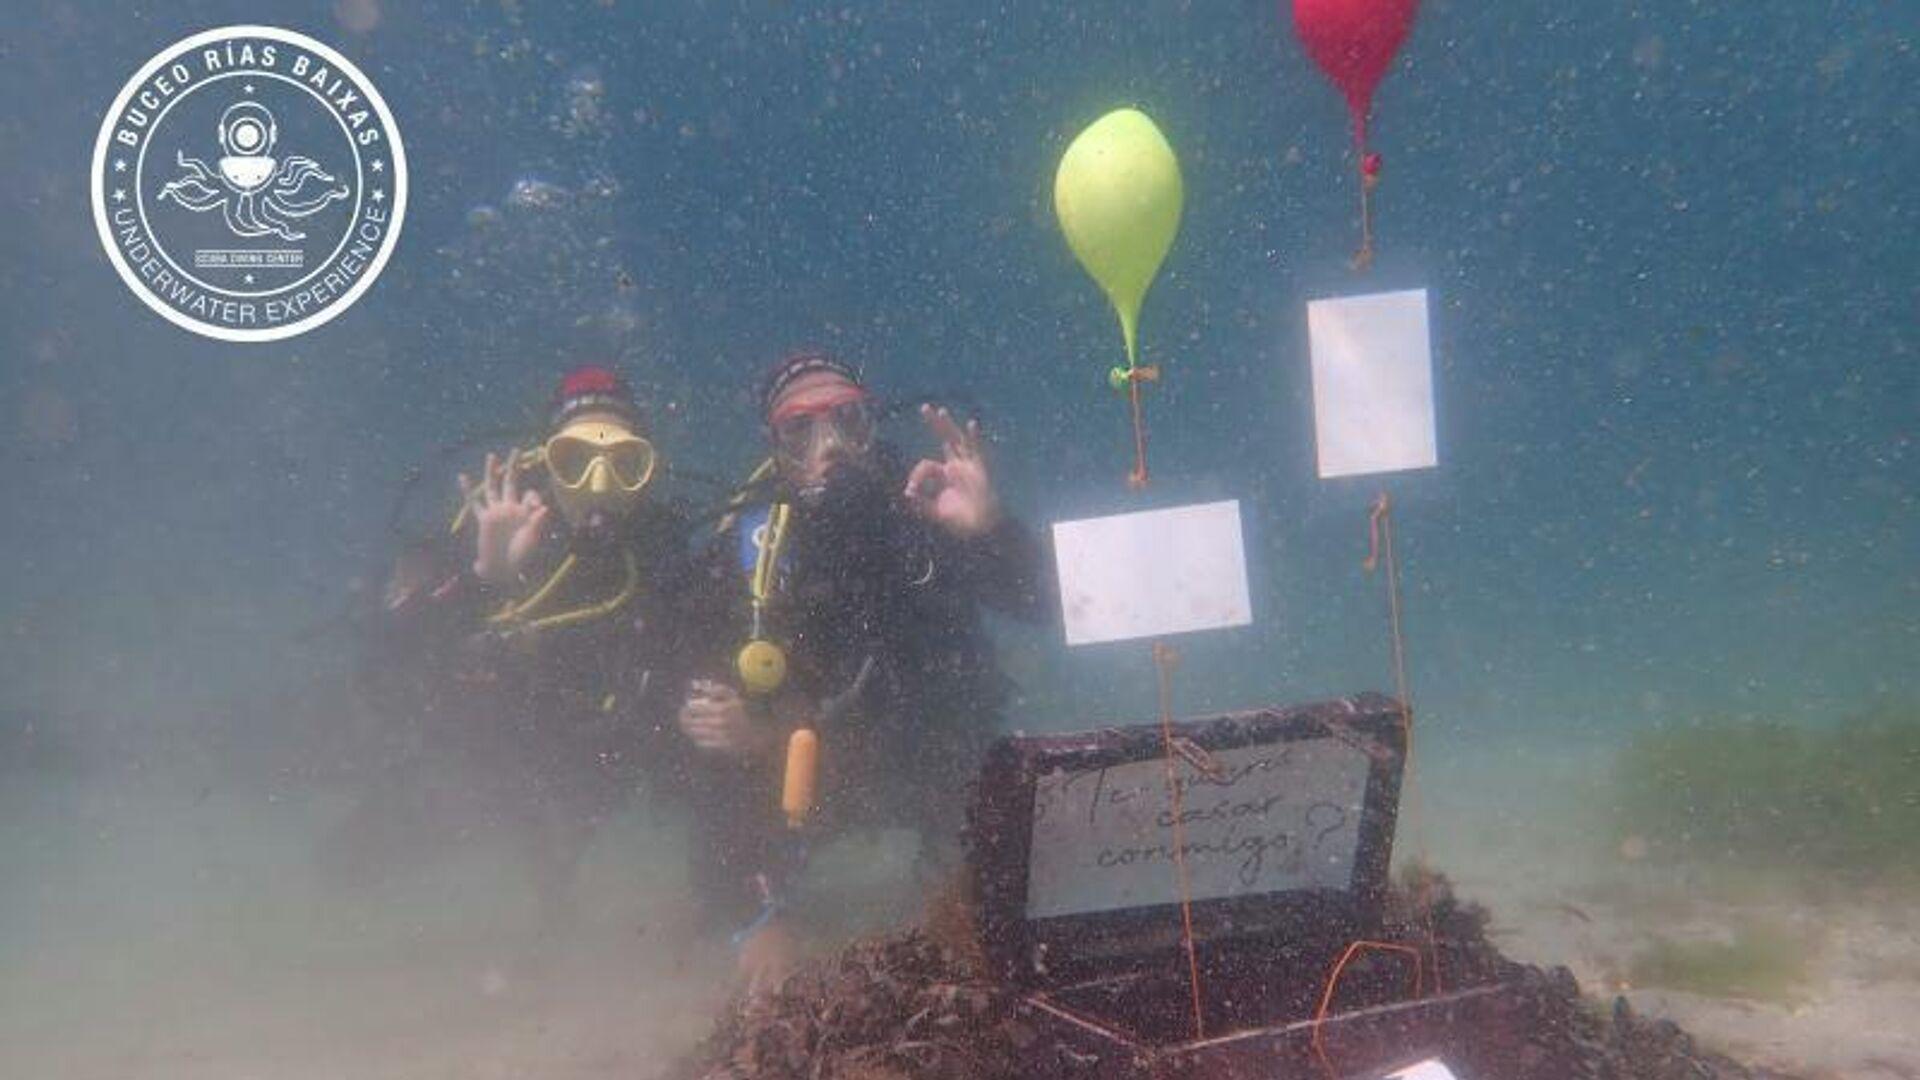 Adrián Vázquez y Tamara Fraga bajo el agua - Sputnik Mundo, 1920, 22.04.2021